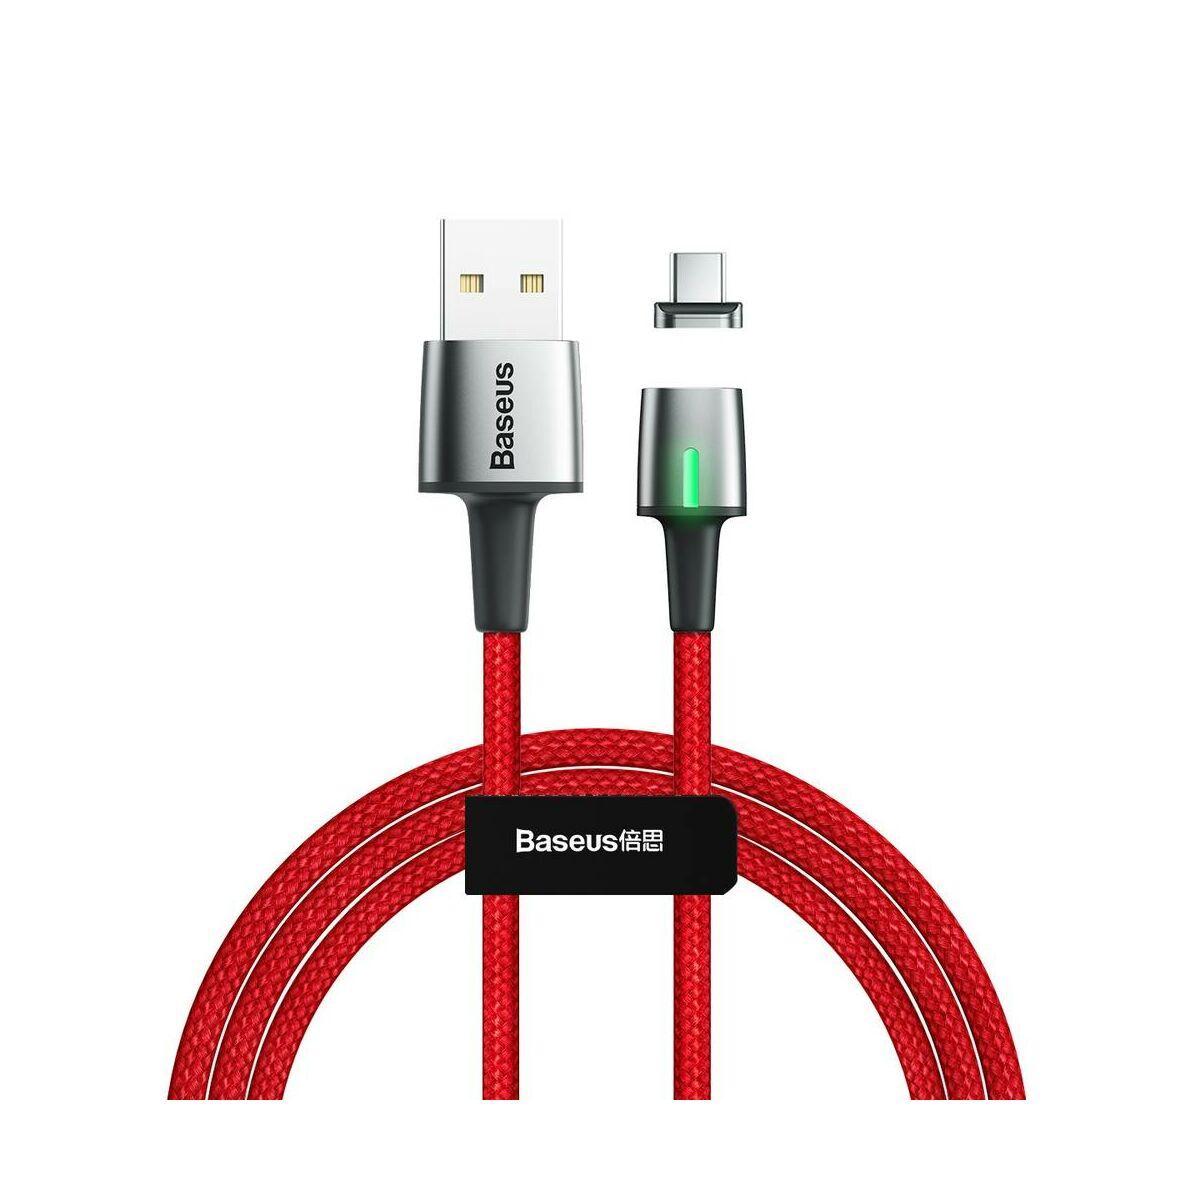 Baseus Mágneses kábel, Type-C Mágnessel csatlakozó töltő kábel, 2A, 2m, piros (CATXC-B09)